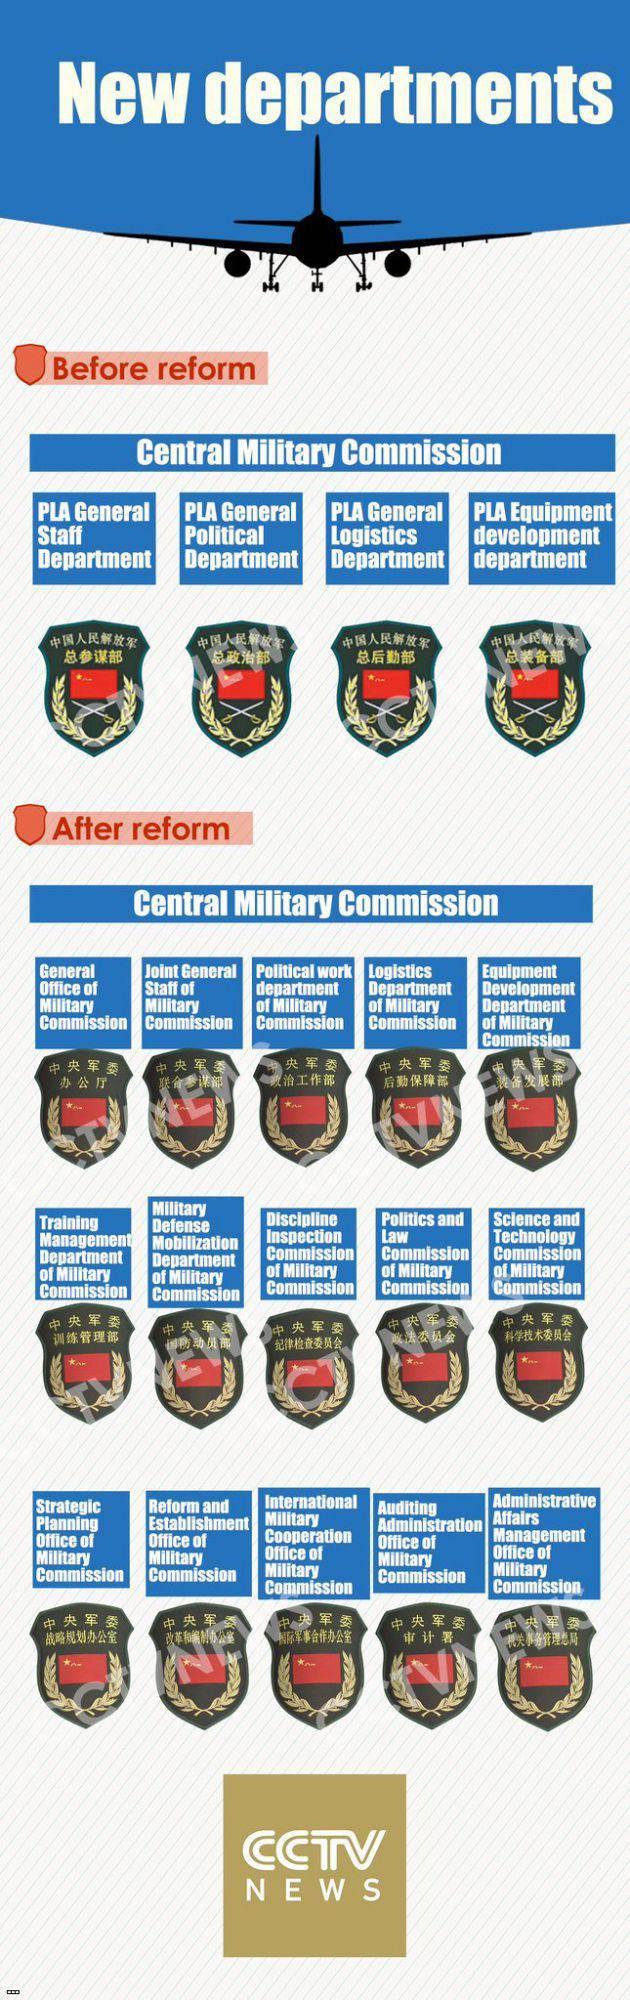 चीन की पीपुल्स लिबरेशन आर्मी का सुधार शुरू हो गया है